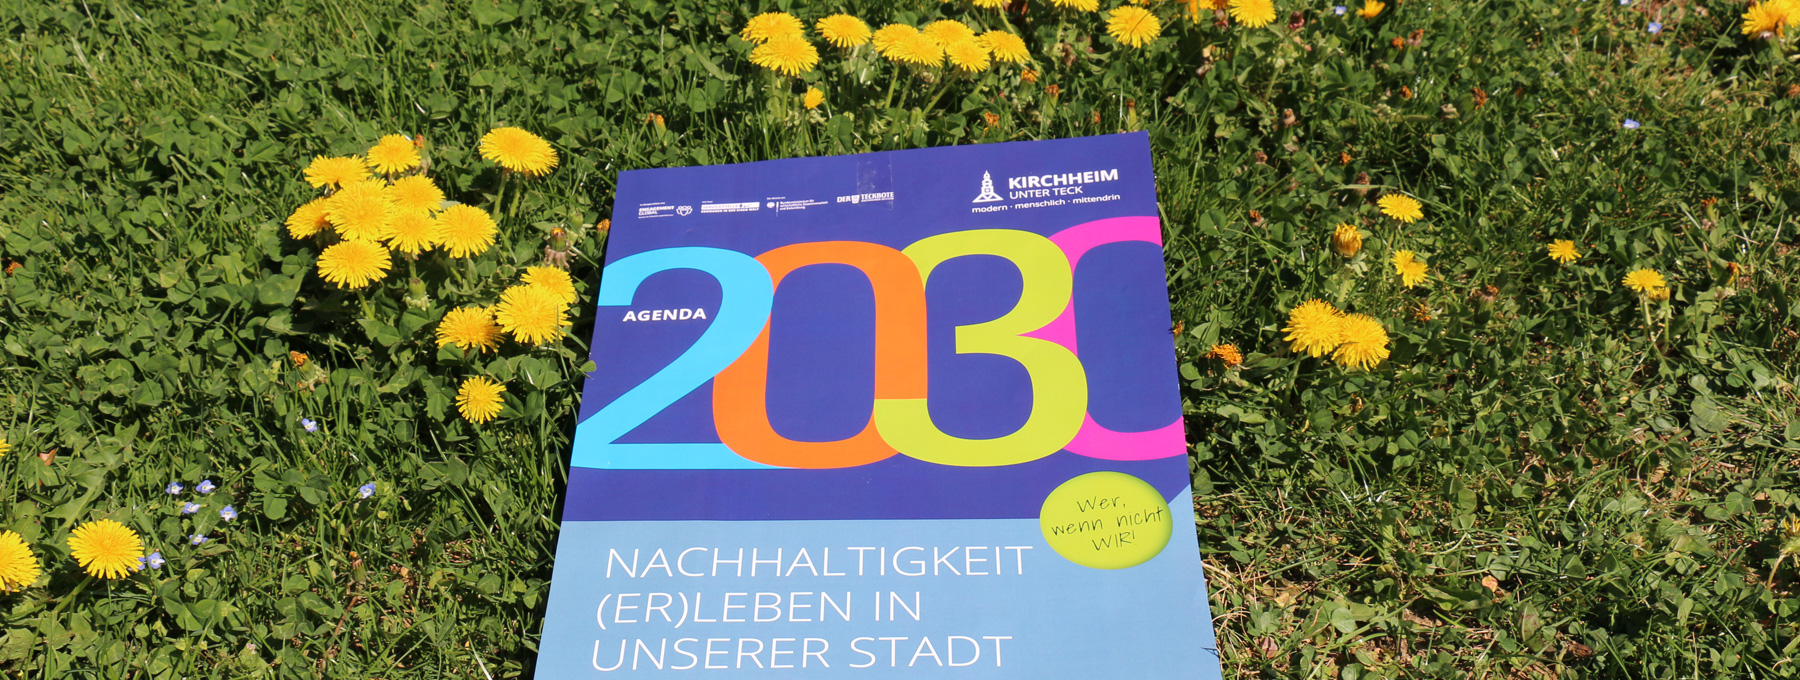 Logo der Lokalen Agenda 2030 auf grüner Wiese